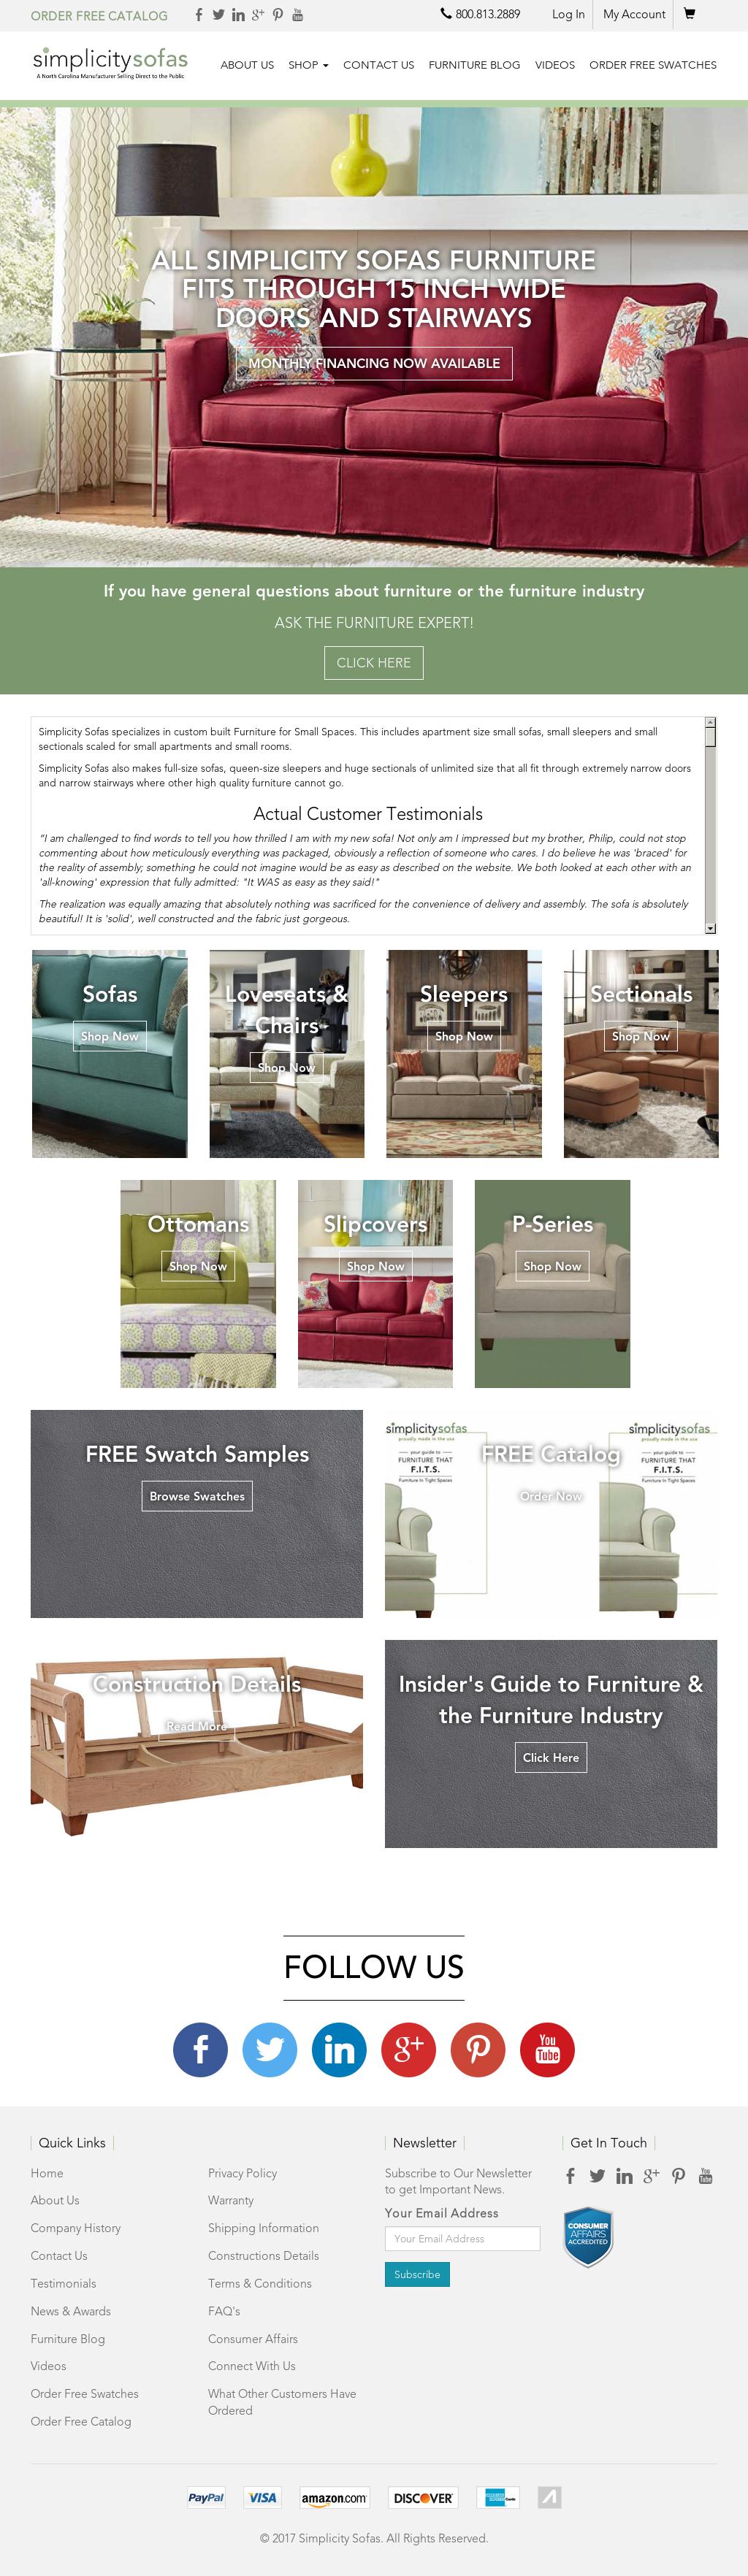 Simplicity Sofas Website History